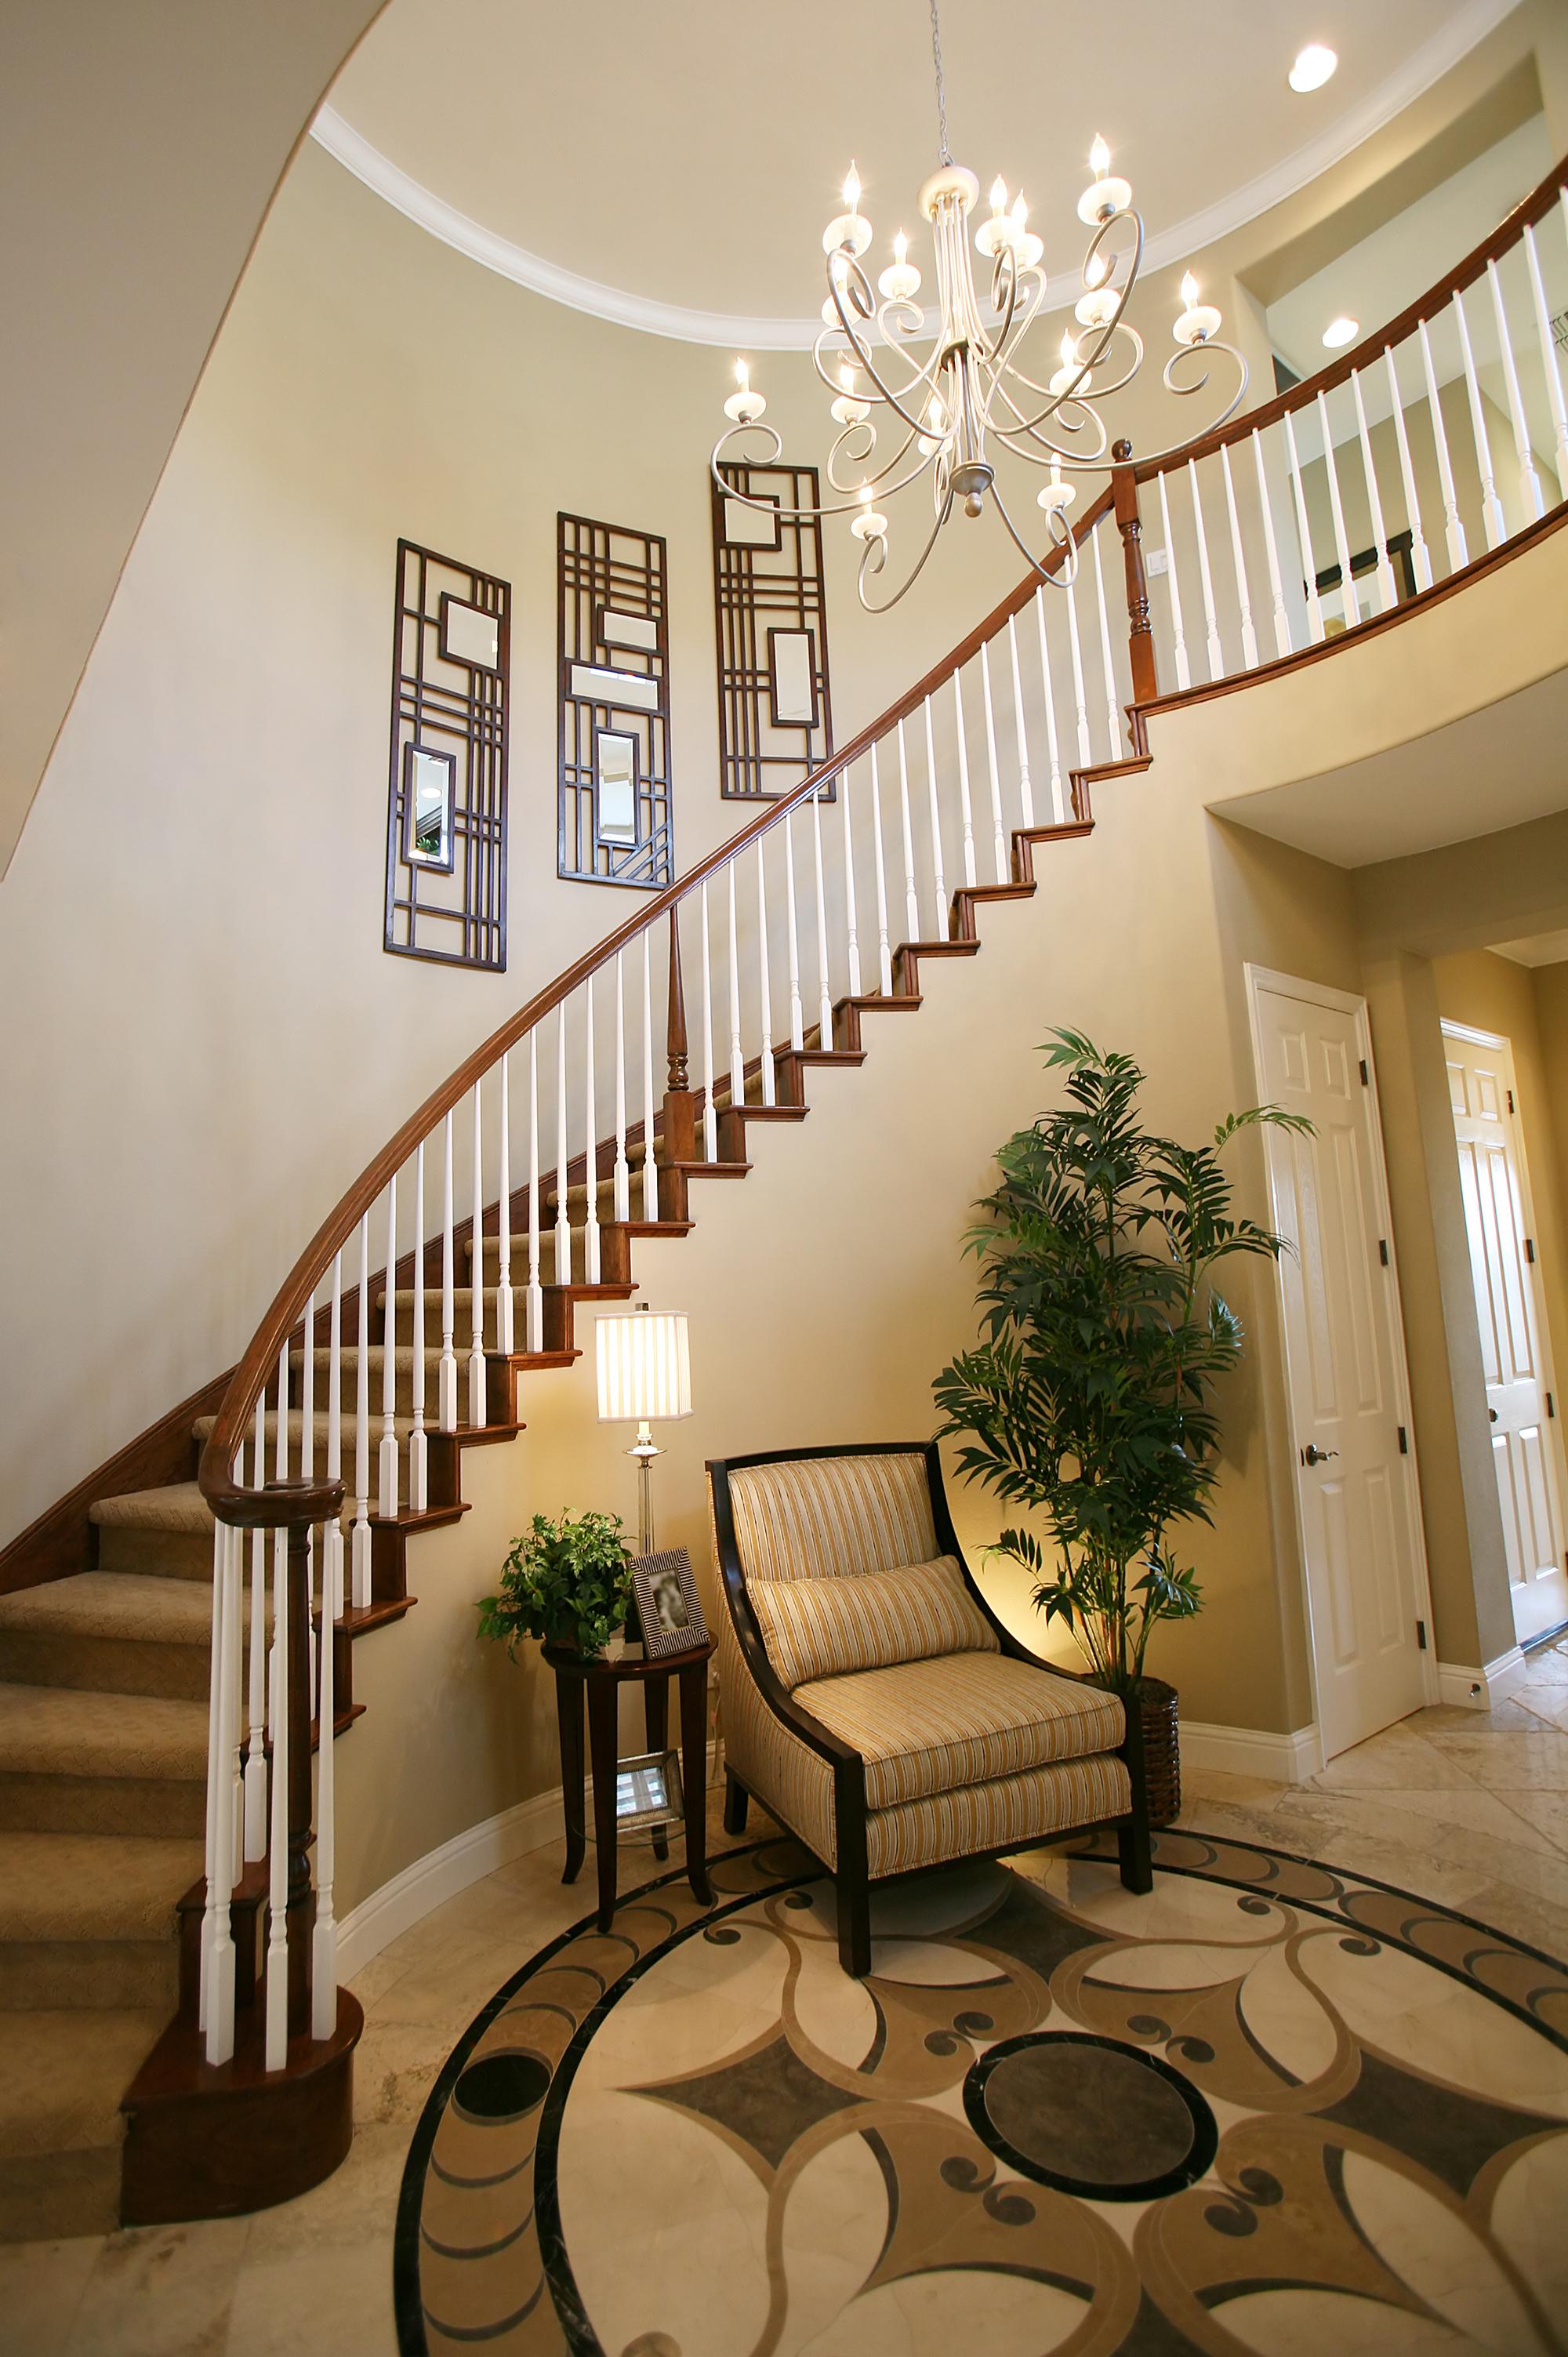 Красивая мебель в стиле модерн в прихожей с лестницей